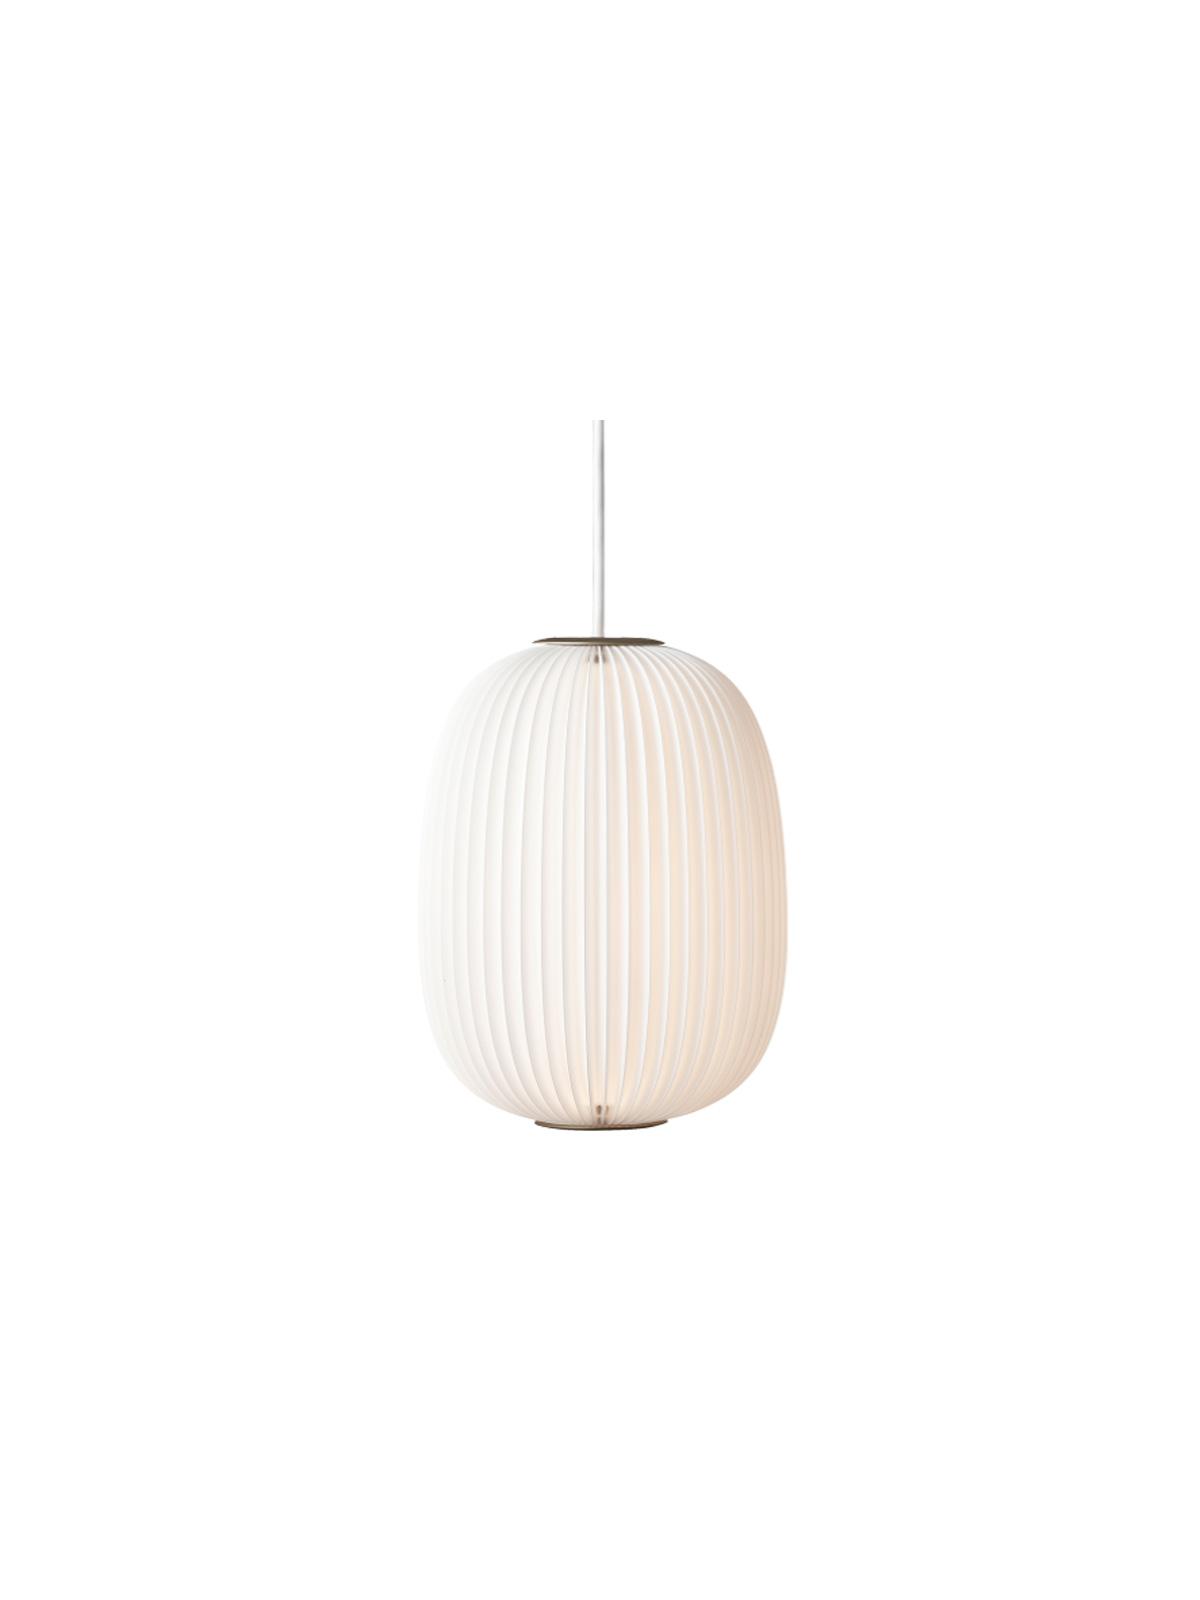 Lamella 4 DesignOrt